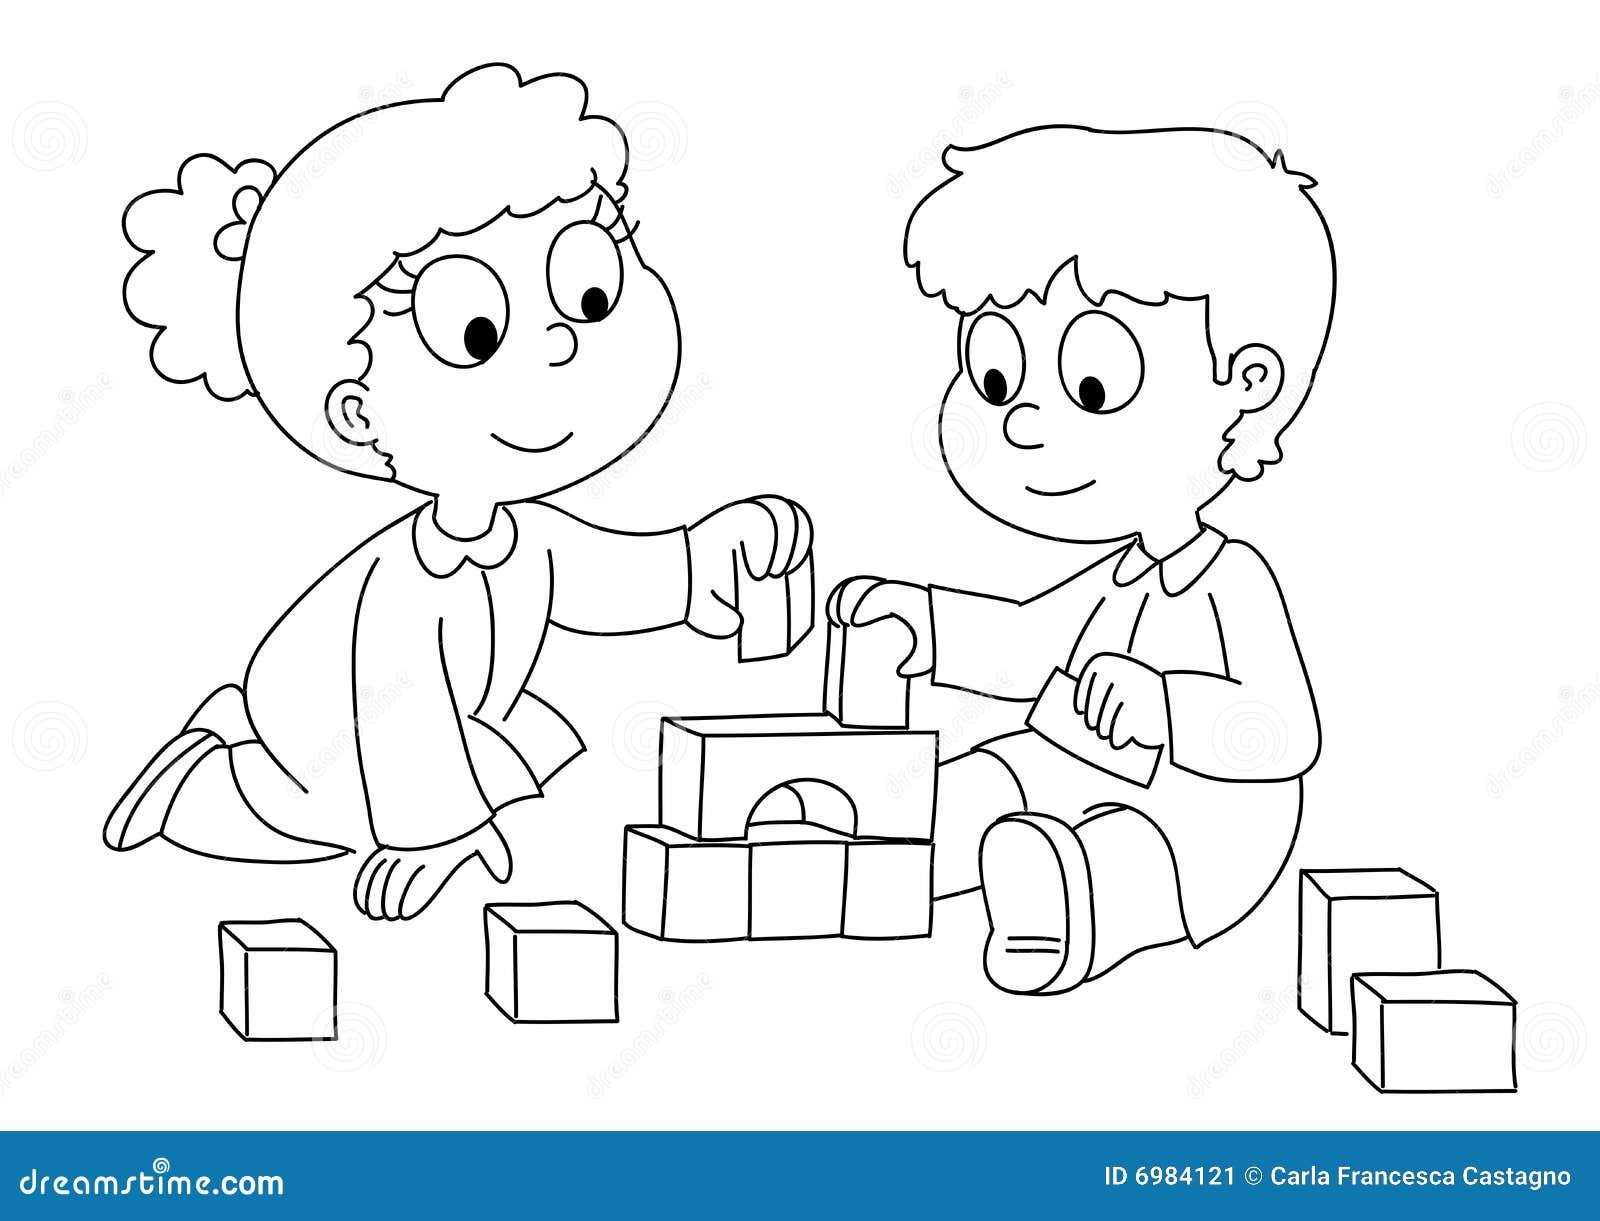 Bambini che giocano bw illustrazione vettoriale - Cane da colorare le pagine libero ...